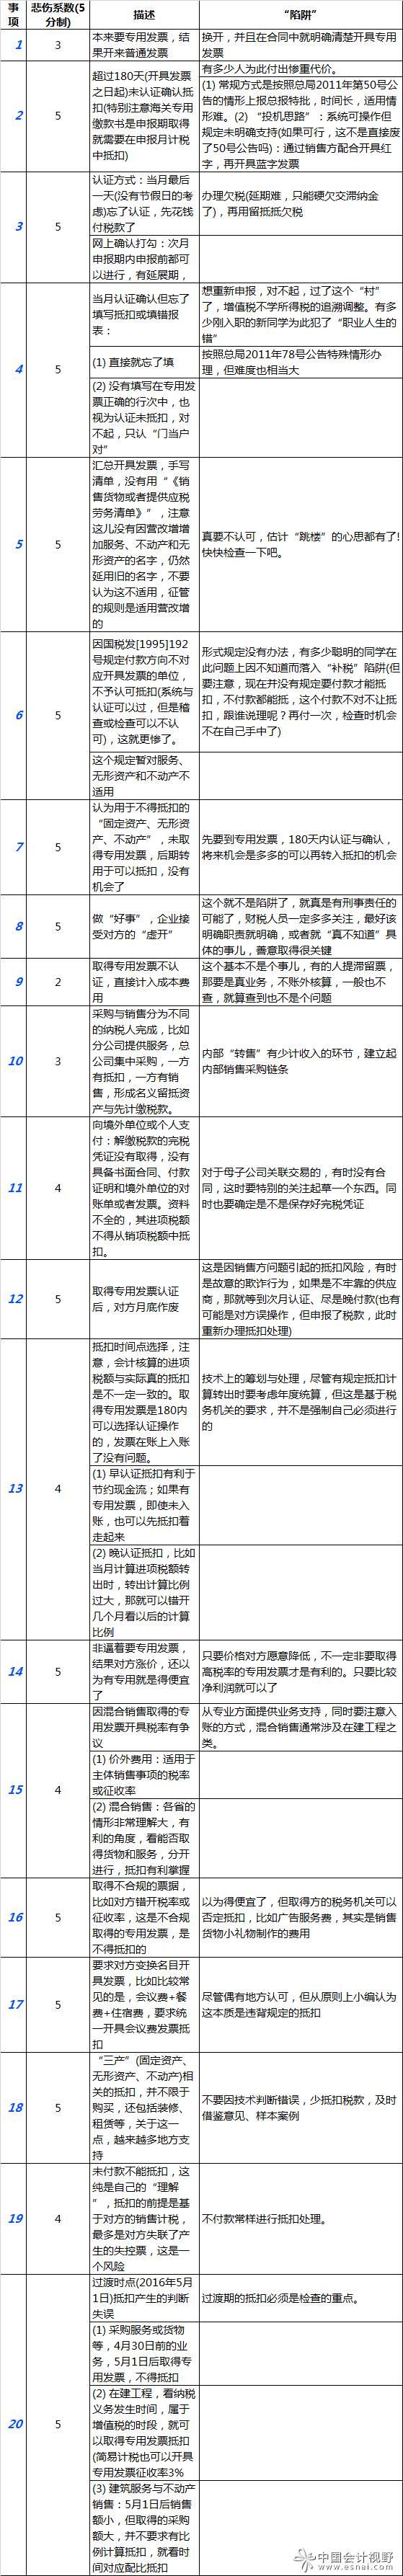 """【税务知识】增值税进项税额抵扣的""""二十大陷阱"""",不得不防!"""